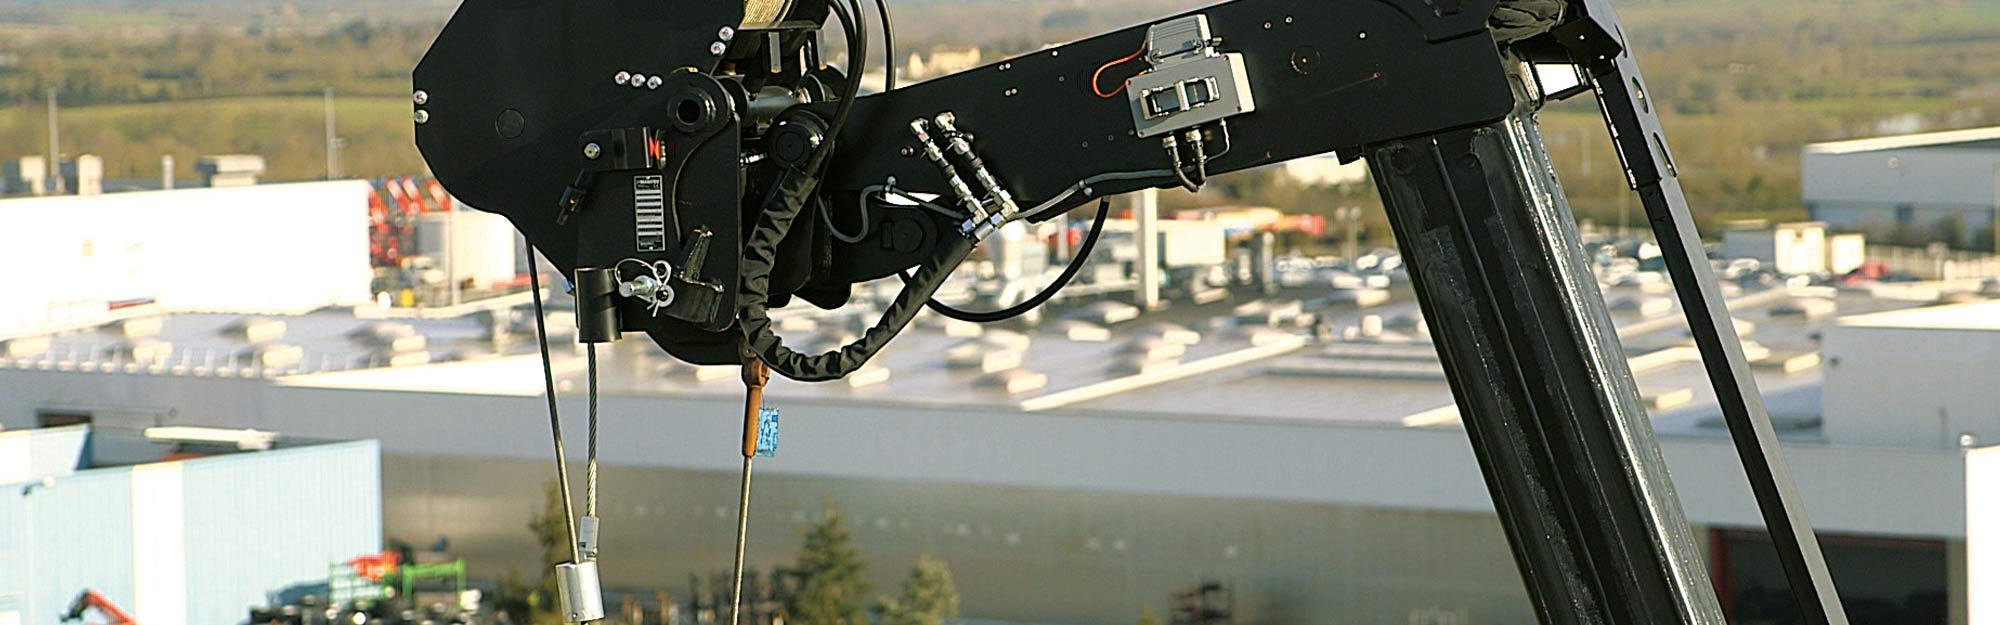 homepage-gabelstaplerservice-hameln-slider-Teleskopmiete